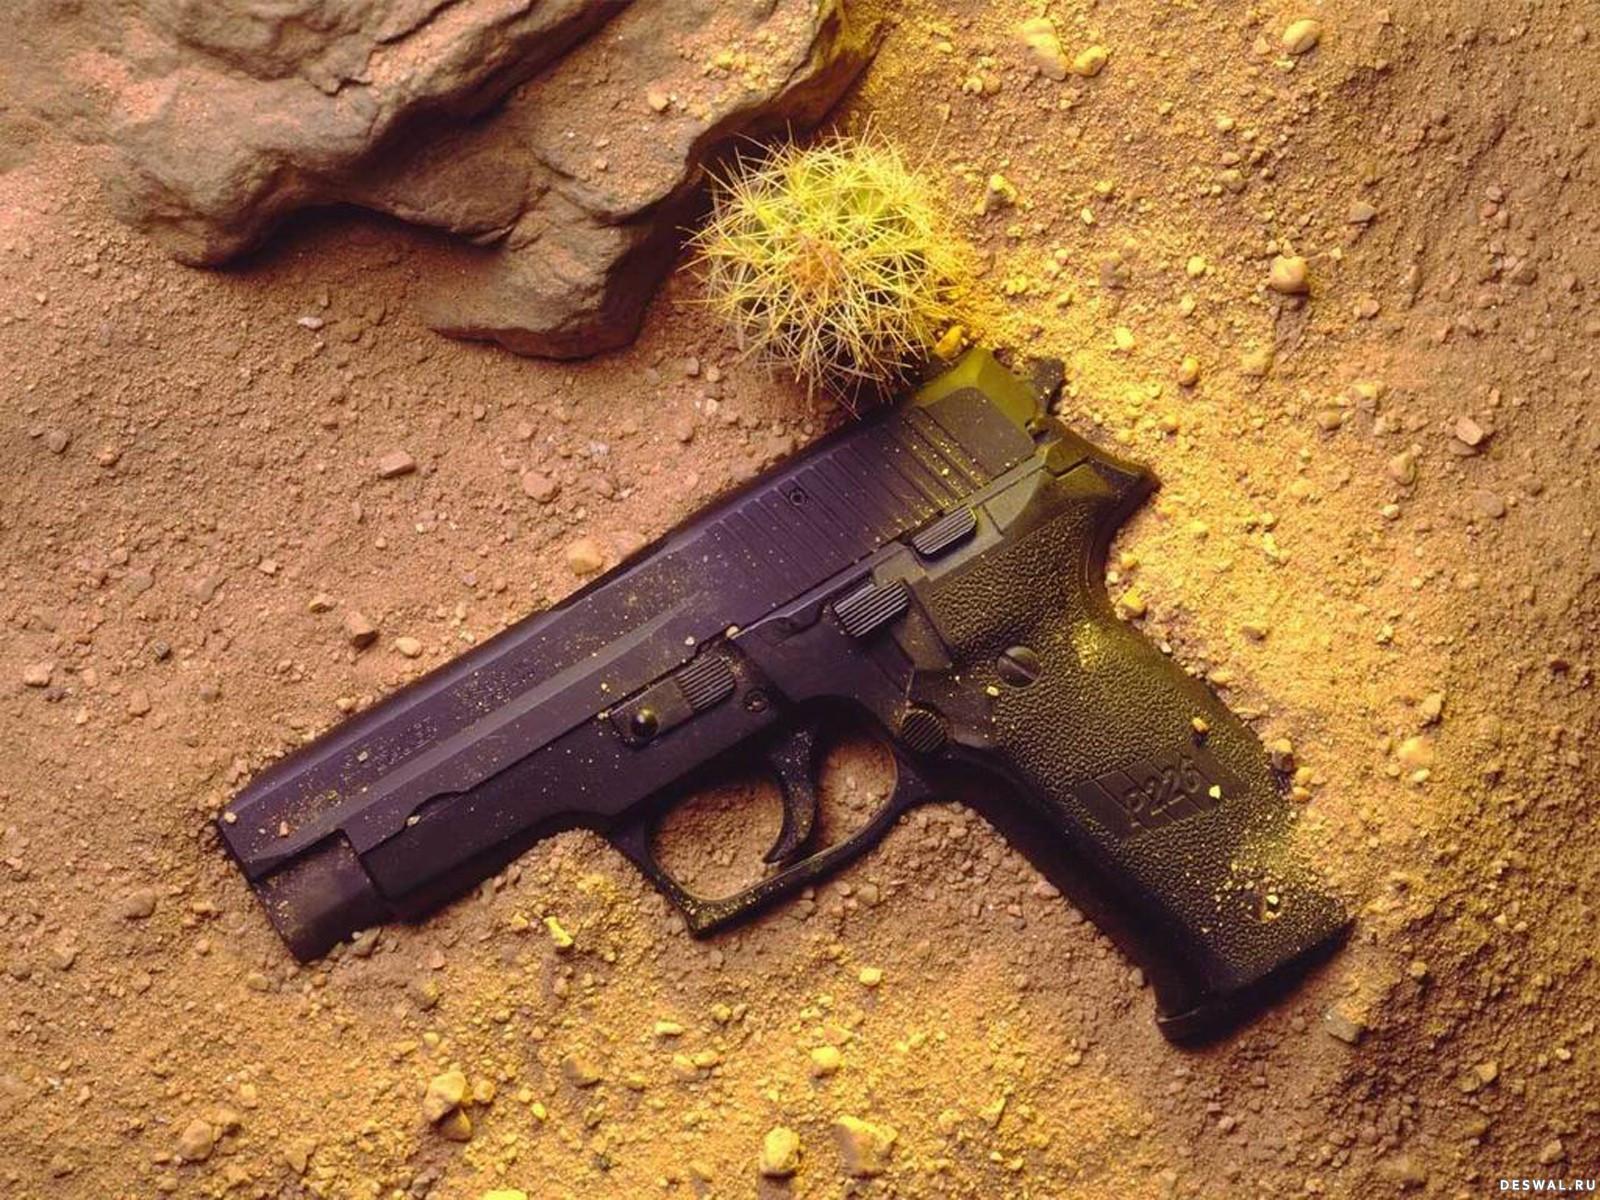 Фото 30. Нажмите на картинку с обоями оружия, чтобы просмотреть ее в реальном размере